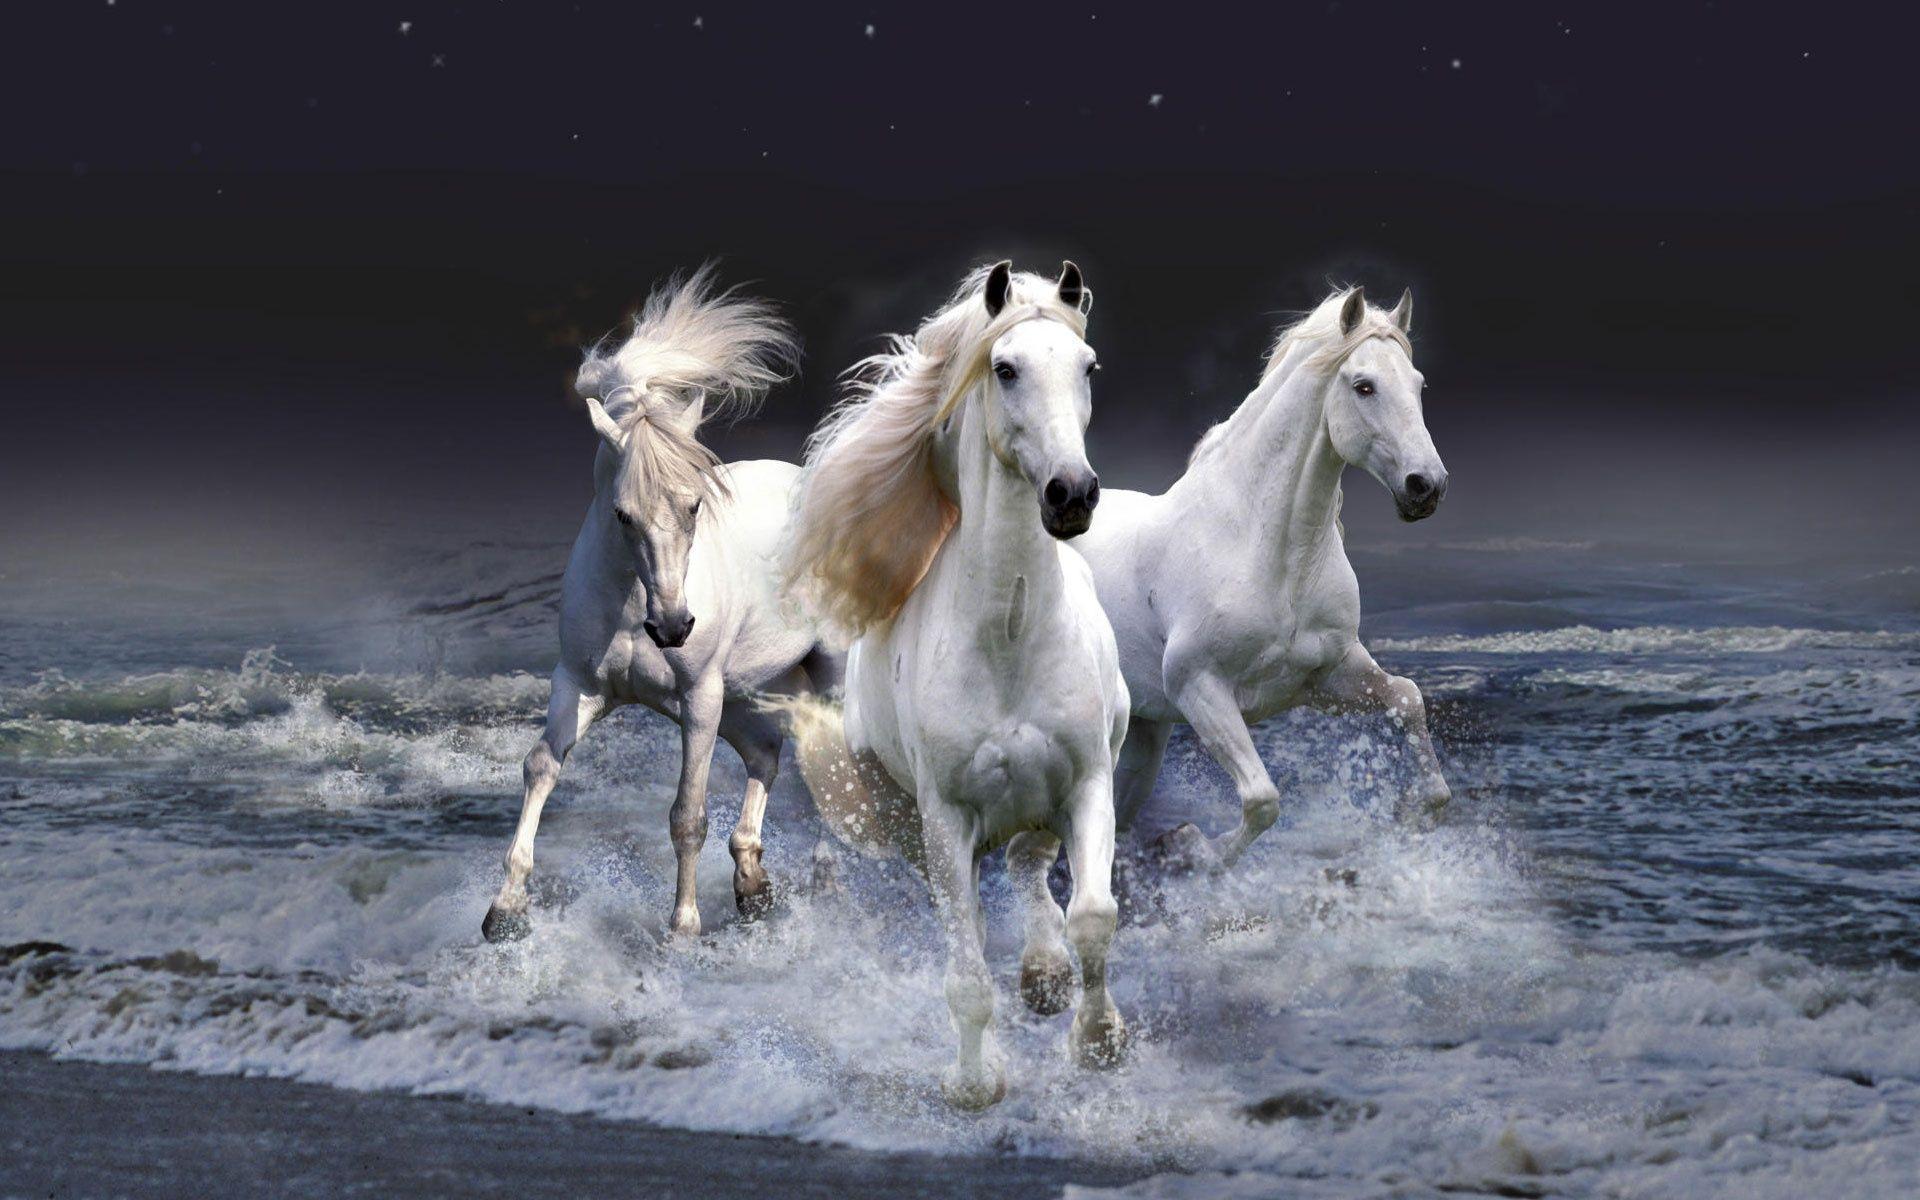 Rising Brown And Black Horse desktop wallpaper | WallpaperPixel